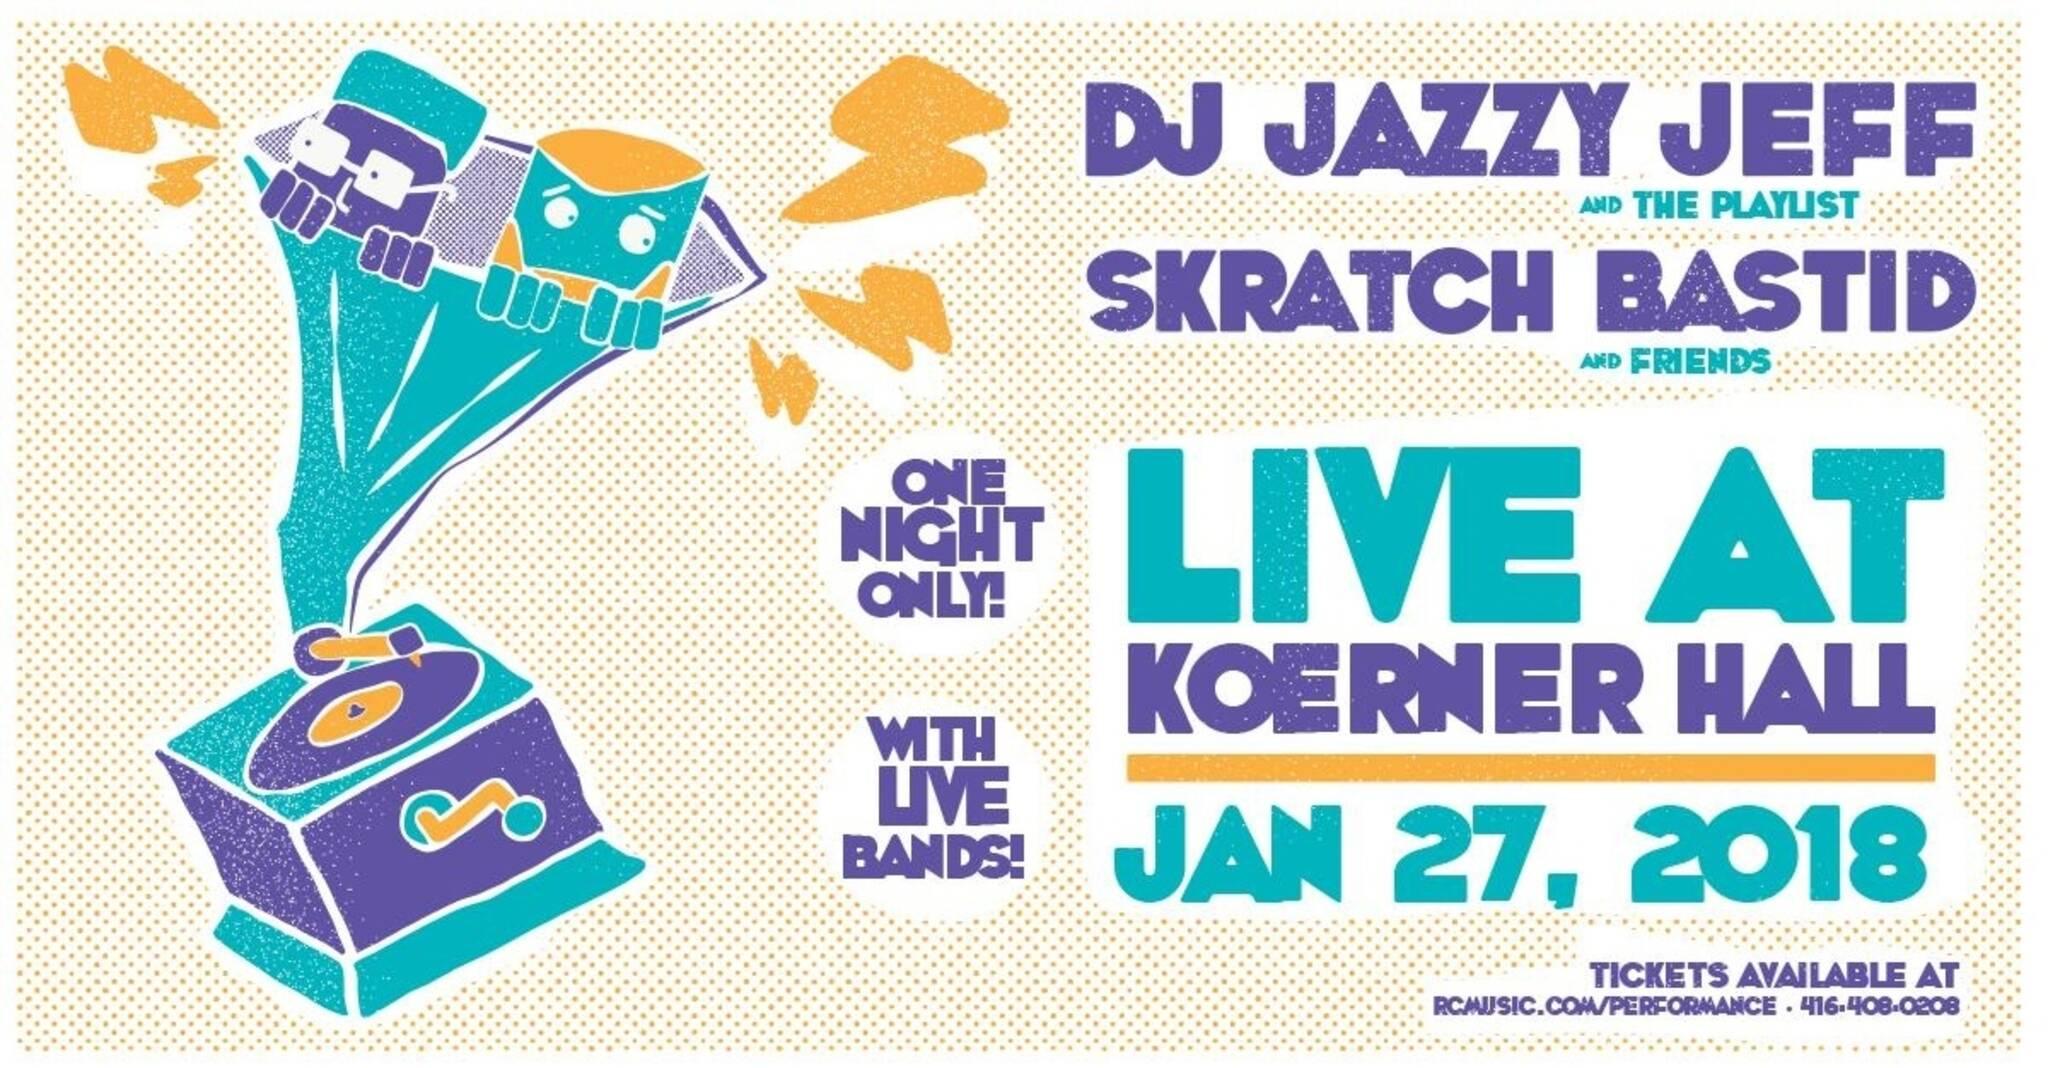 DJ Jazzy Jeff and the Playlist & Skratch Bastid